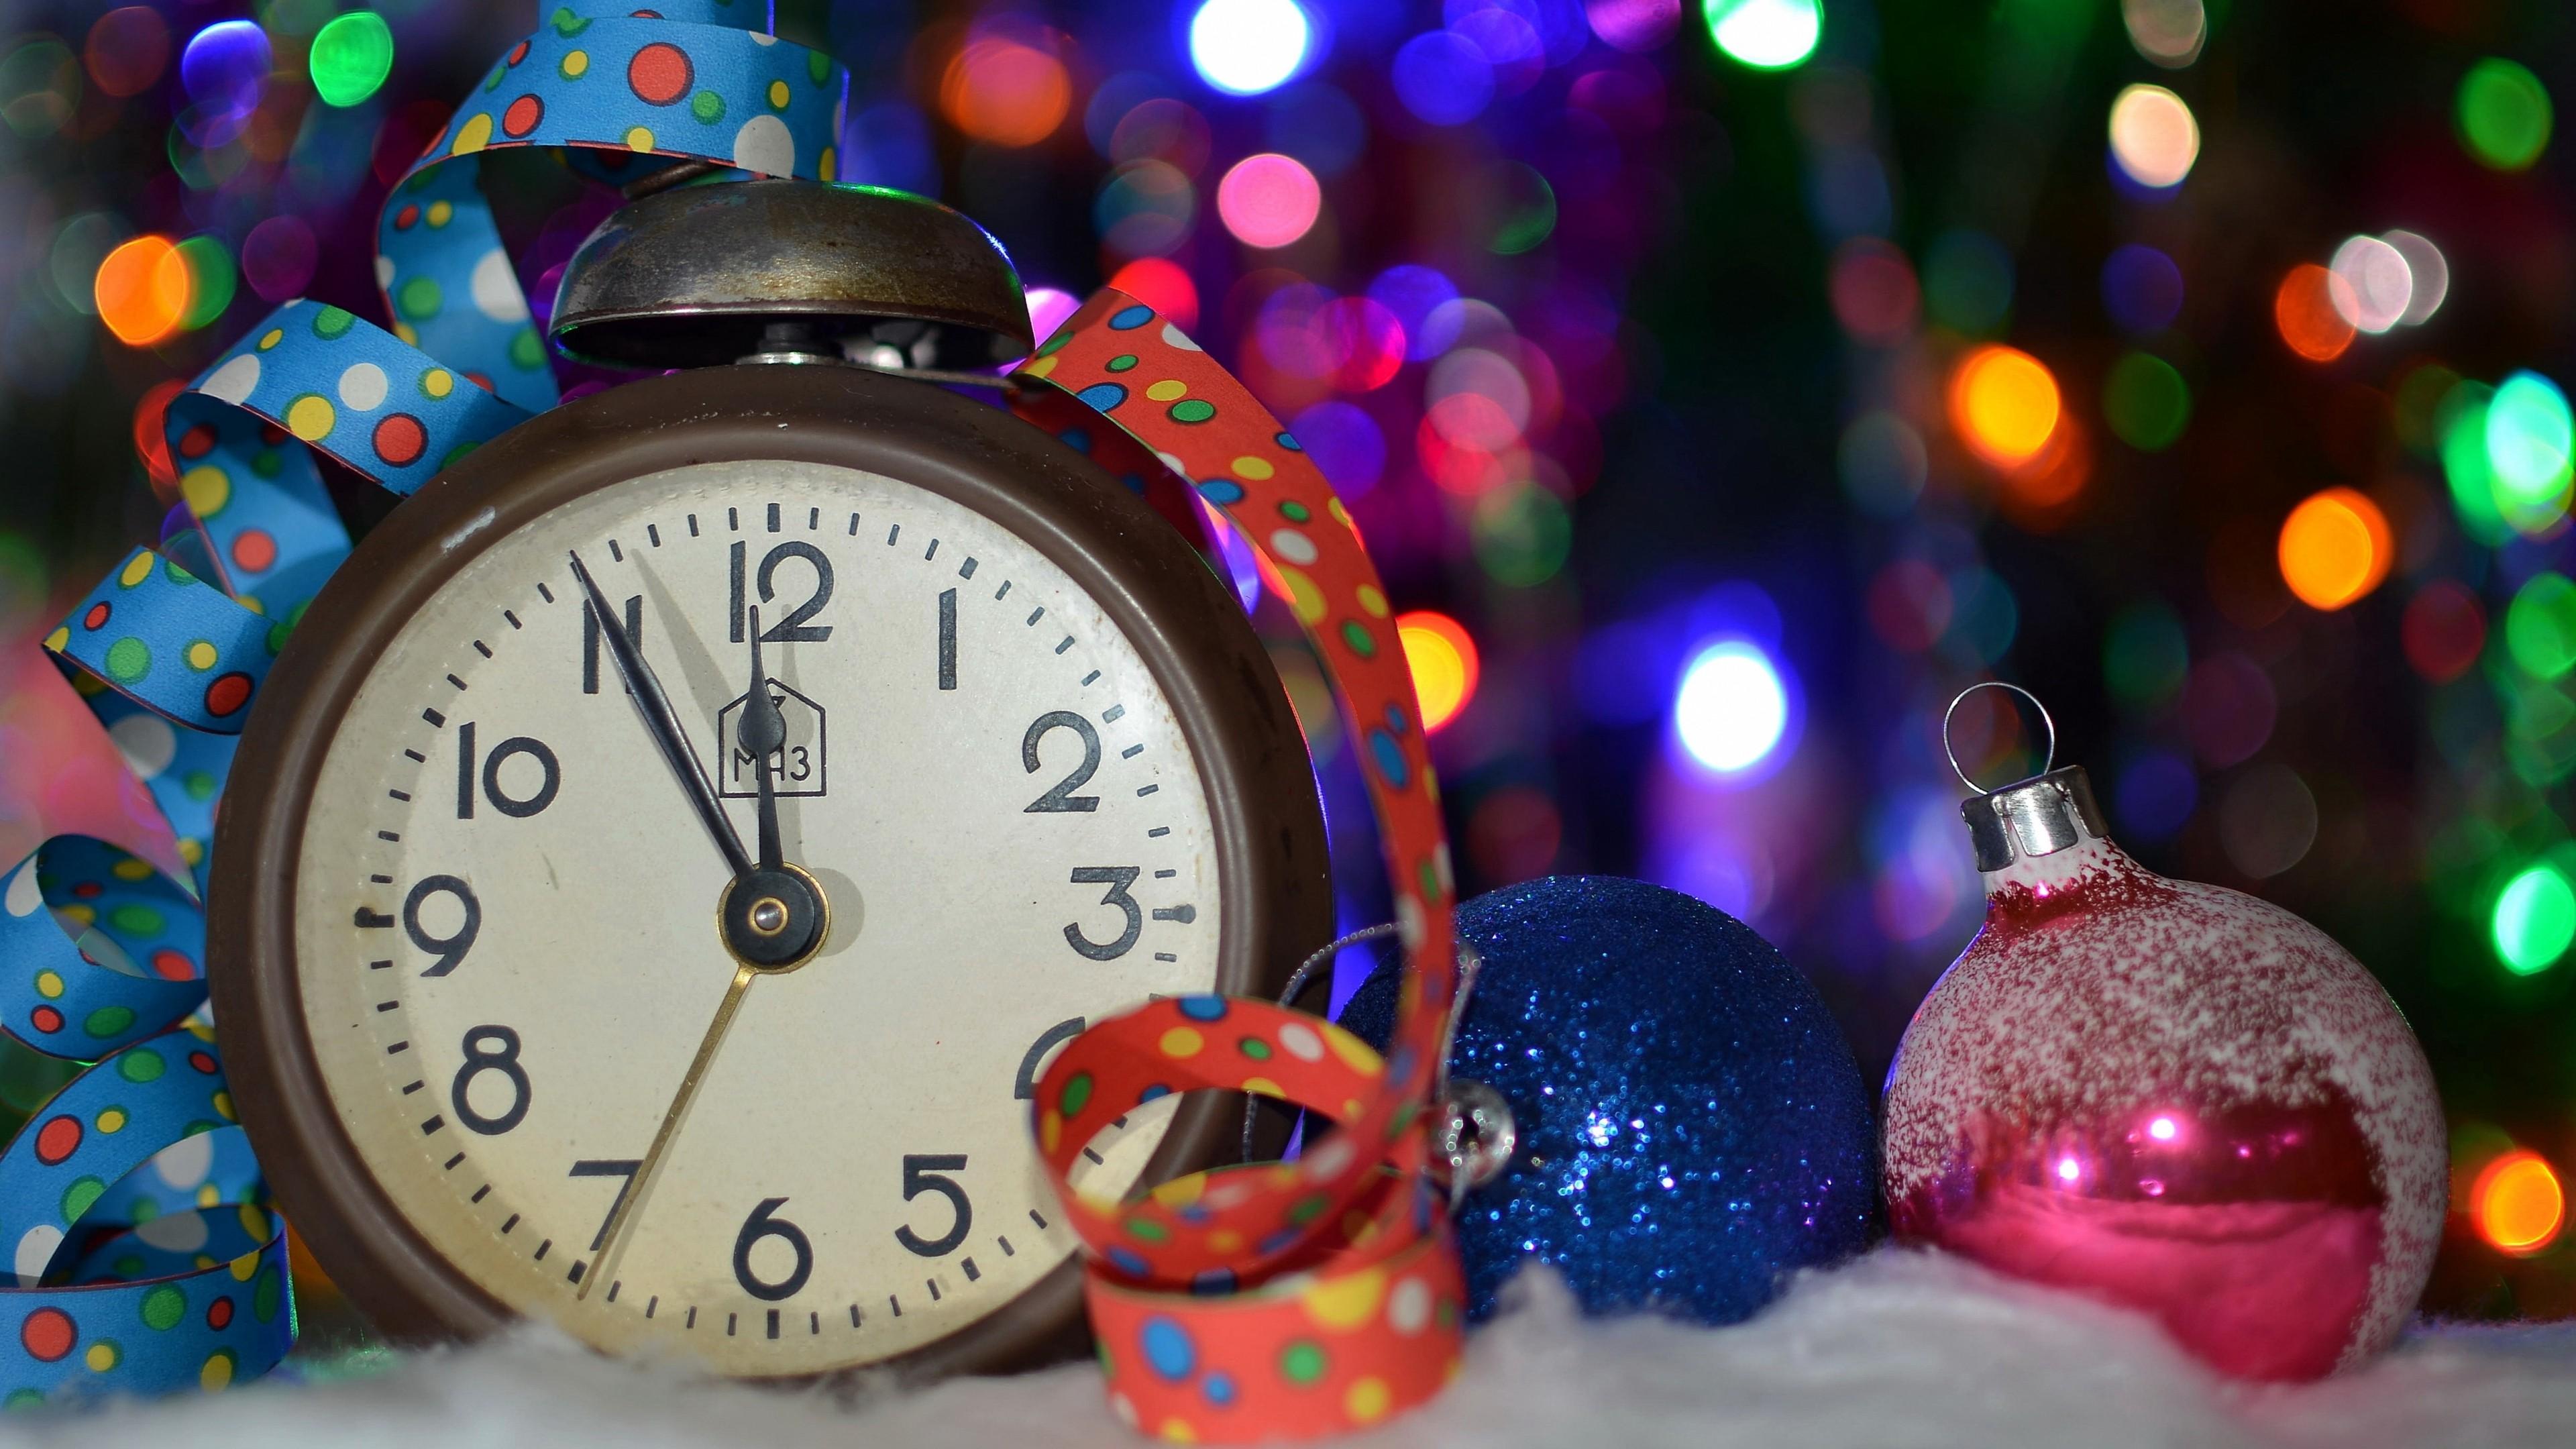 смотря праздничные обои на новый год на телефон актриса спросила